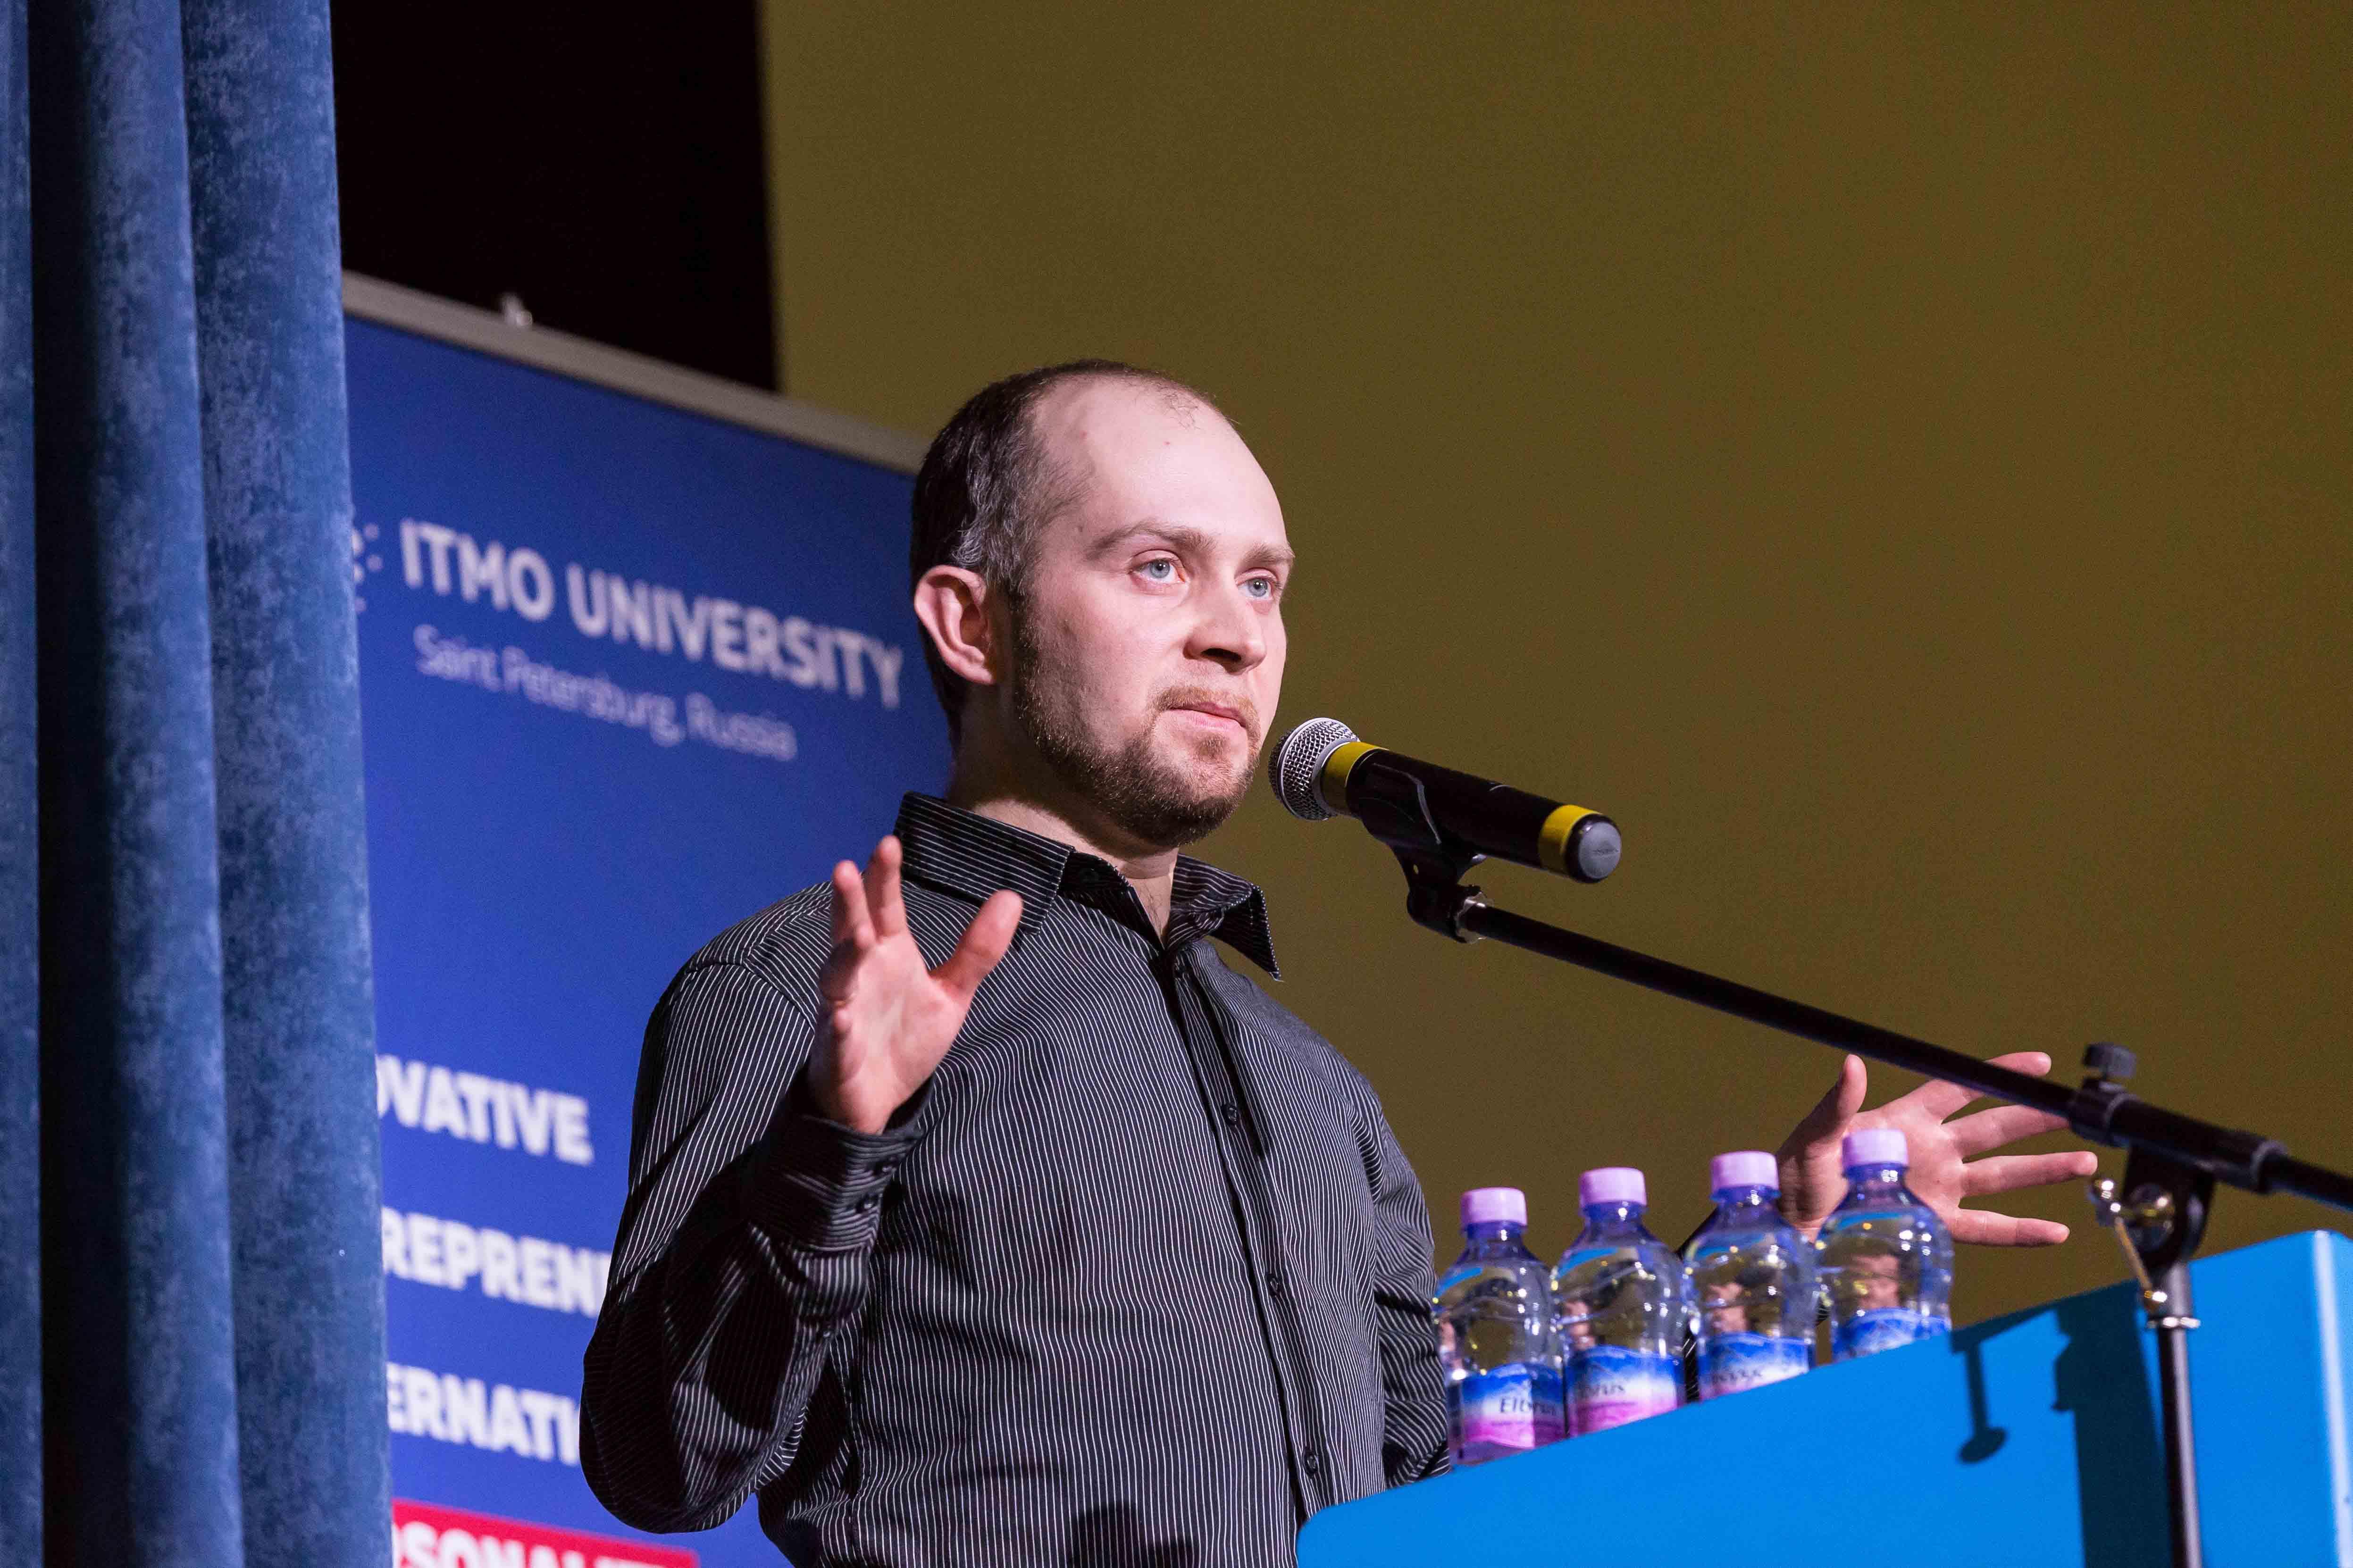 Alexander Kxokxlov